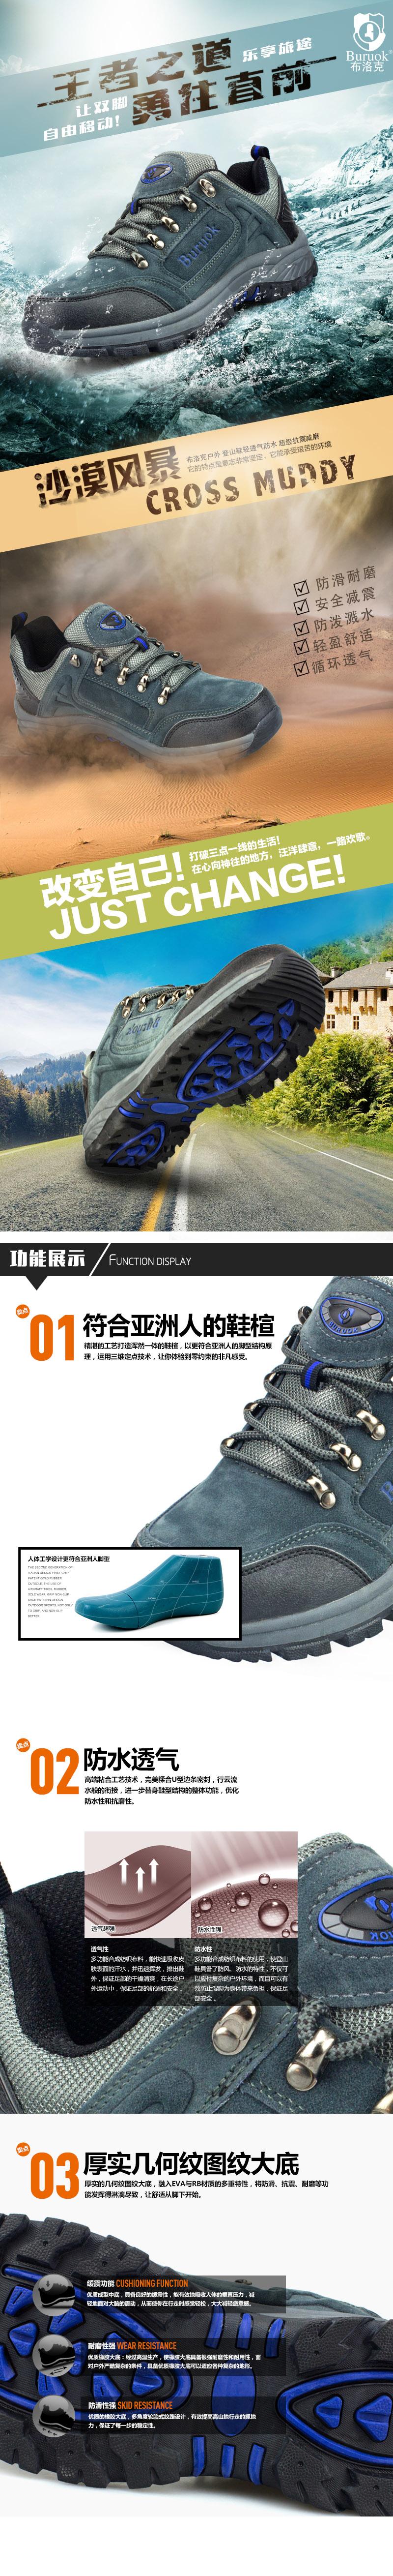 登山鞋产品描述页详情页